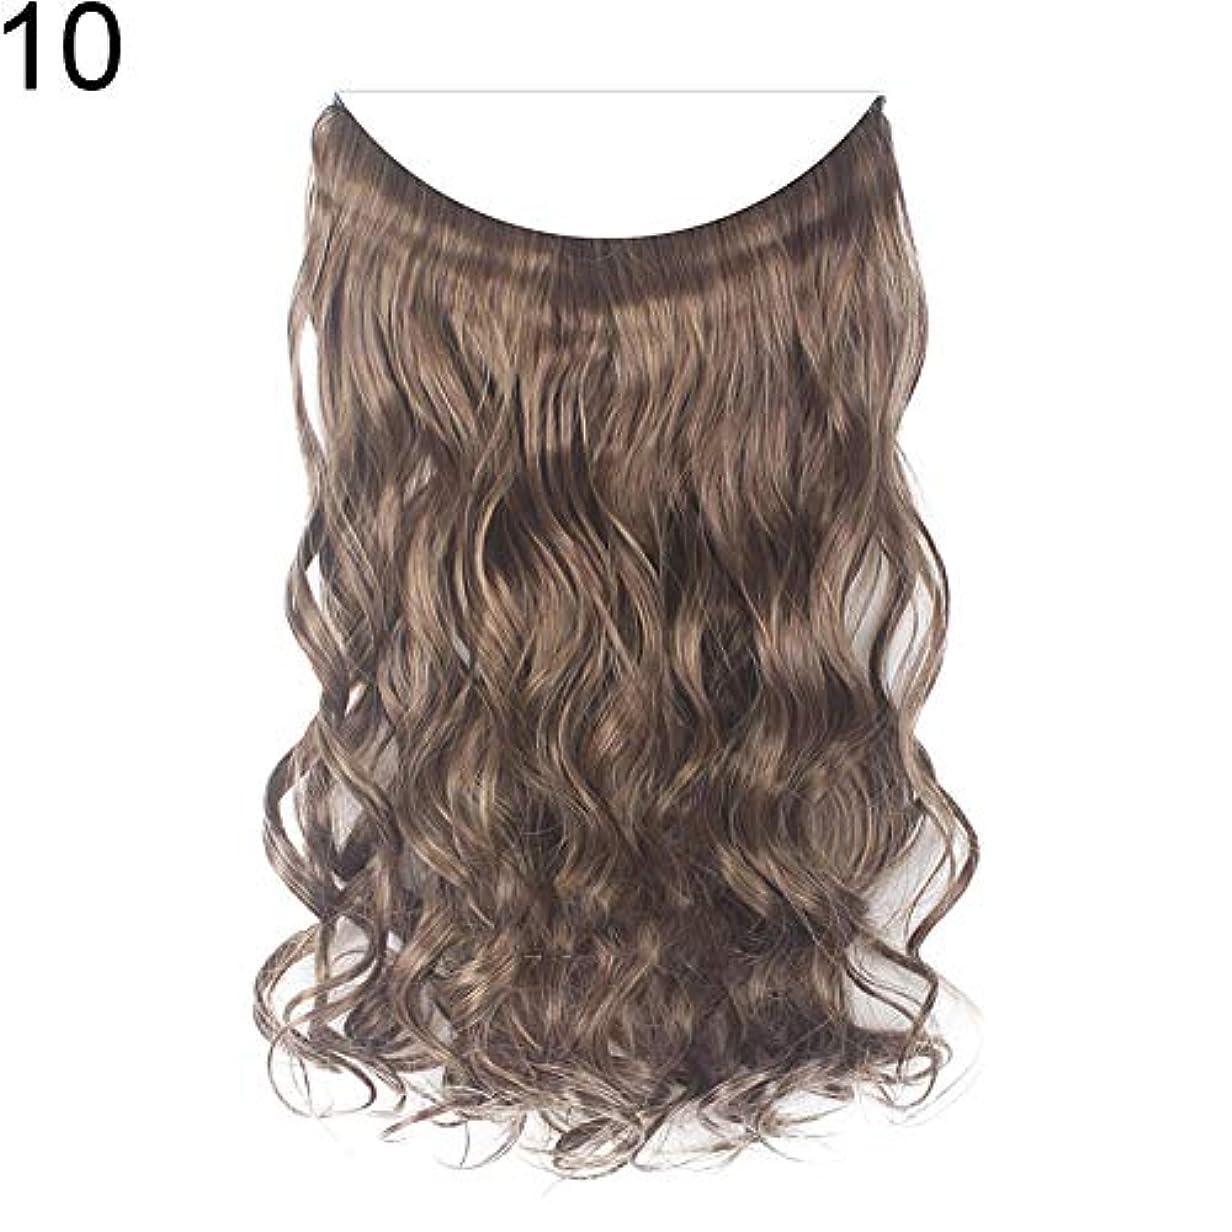 行商人切り下げ起点slQinjiansav女性ウィッグ収納コンテナ22インチ女性ロングストレート/カーリーワイヤーヘッドバンドウィッグ目に見えない髪の延長